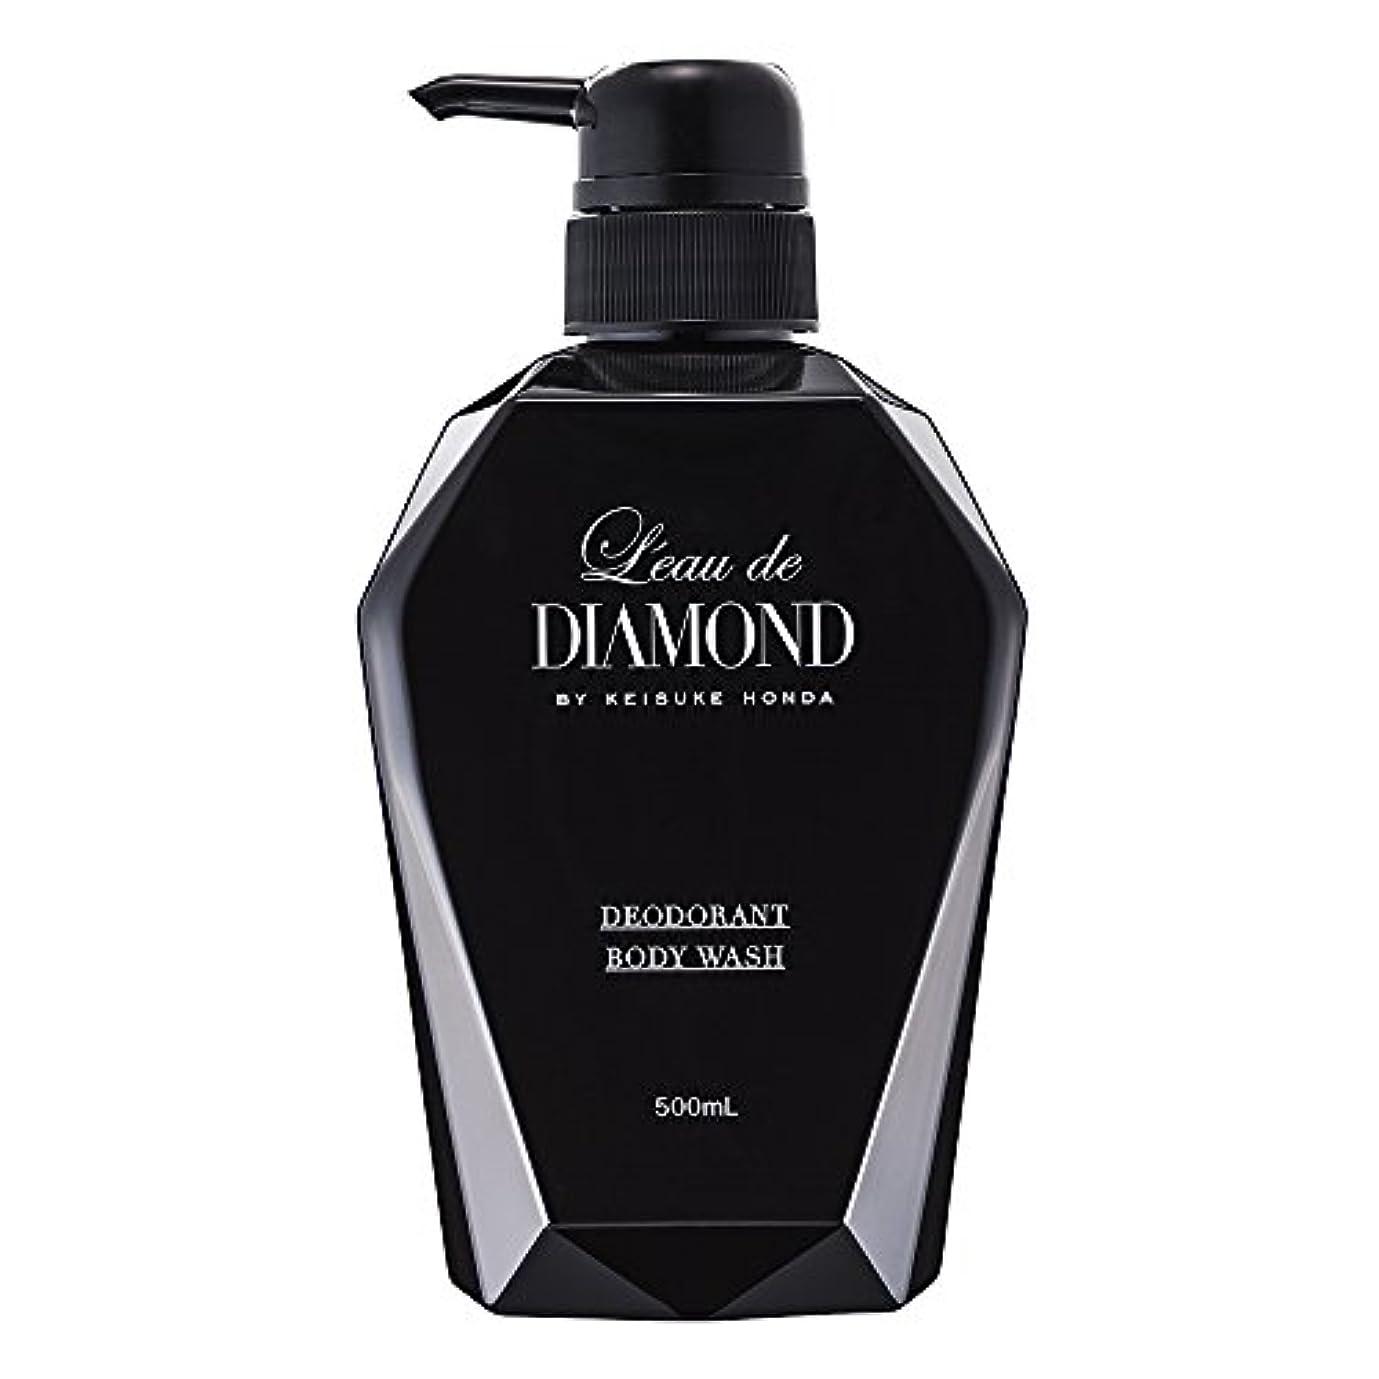 シャンパン推定浮浪者ロードダイアモンド 薬用デオドラントボディウォッシュ 500ml